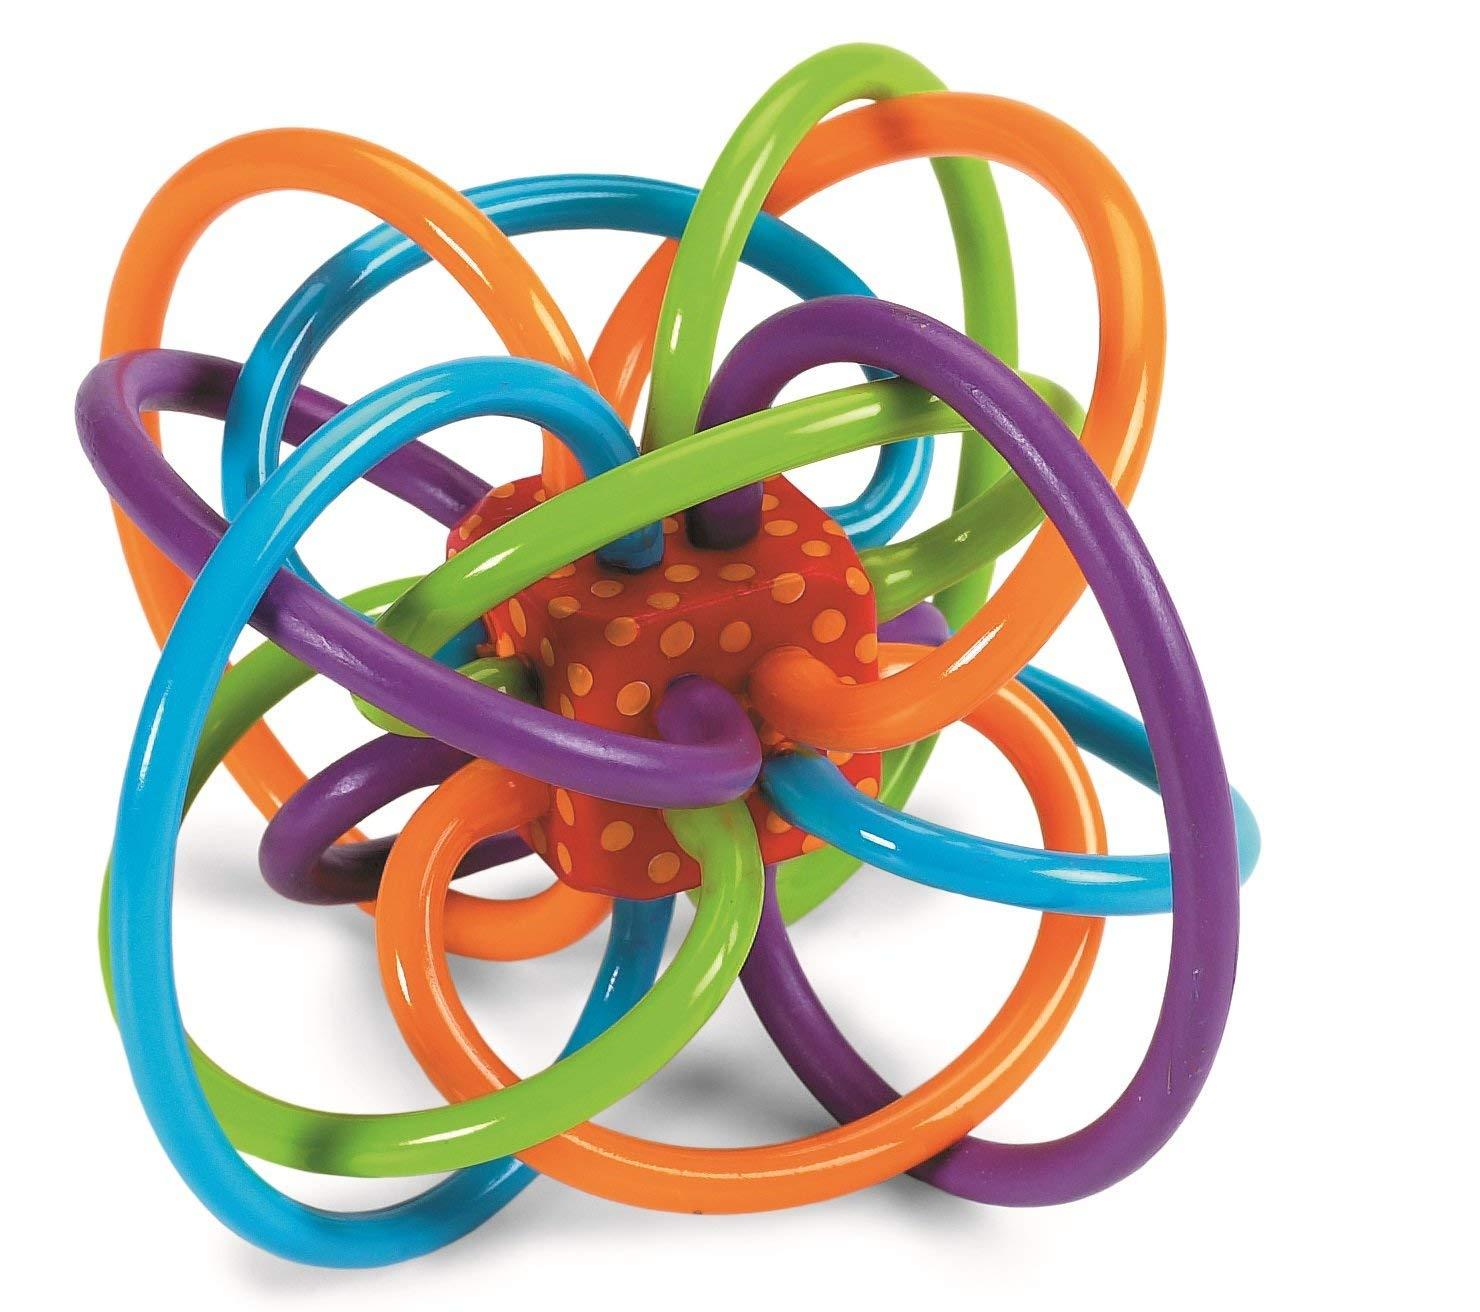 Manhatten Winkel Toy